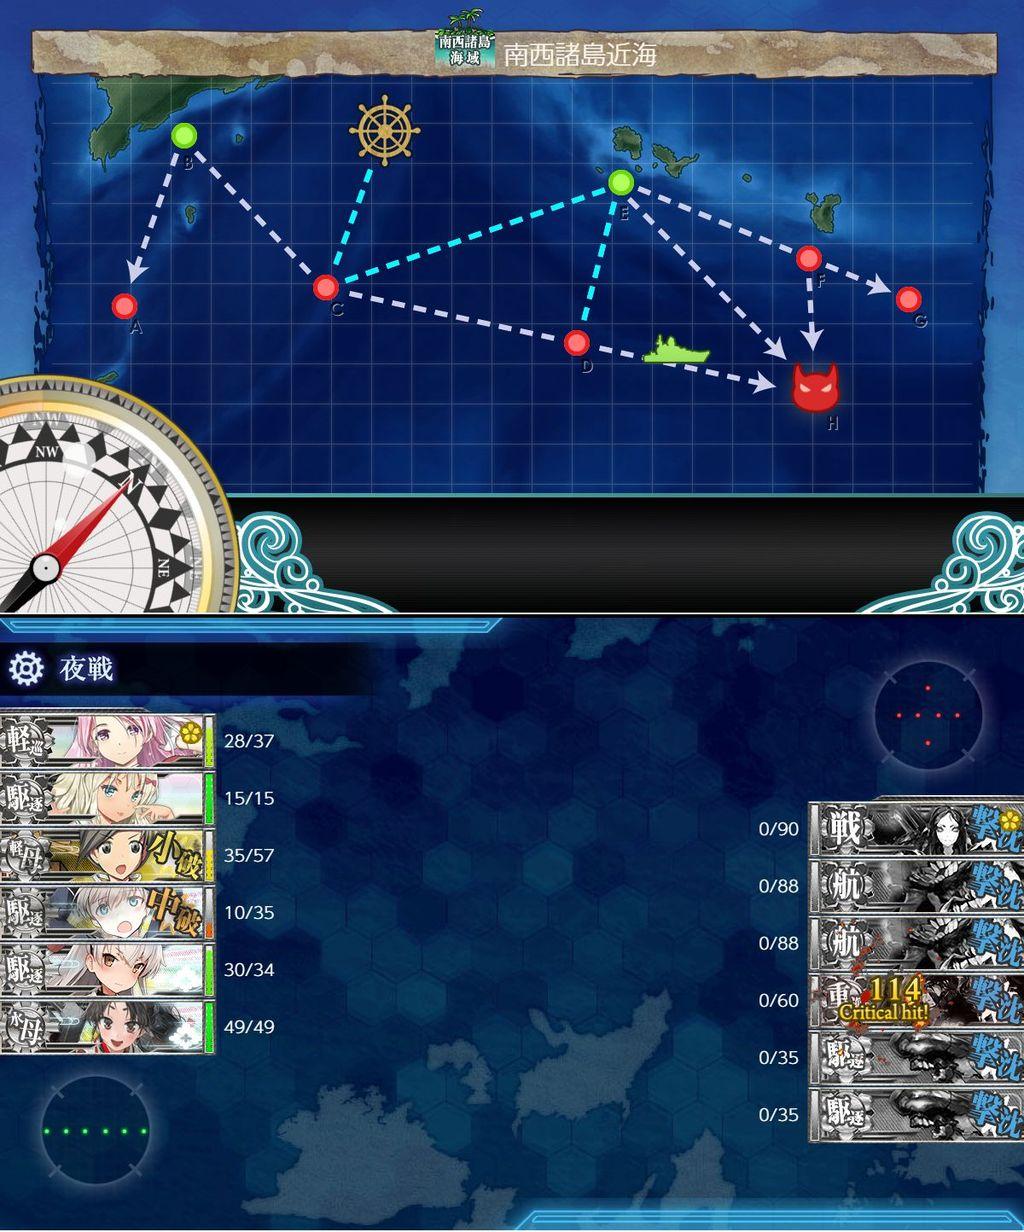 による 線 ぜ の か 空母 戦闘 哨戒 兵站 戦力 まし 投入